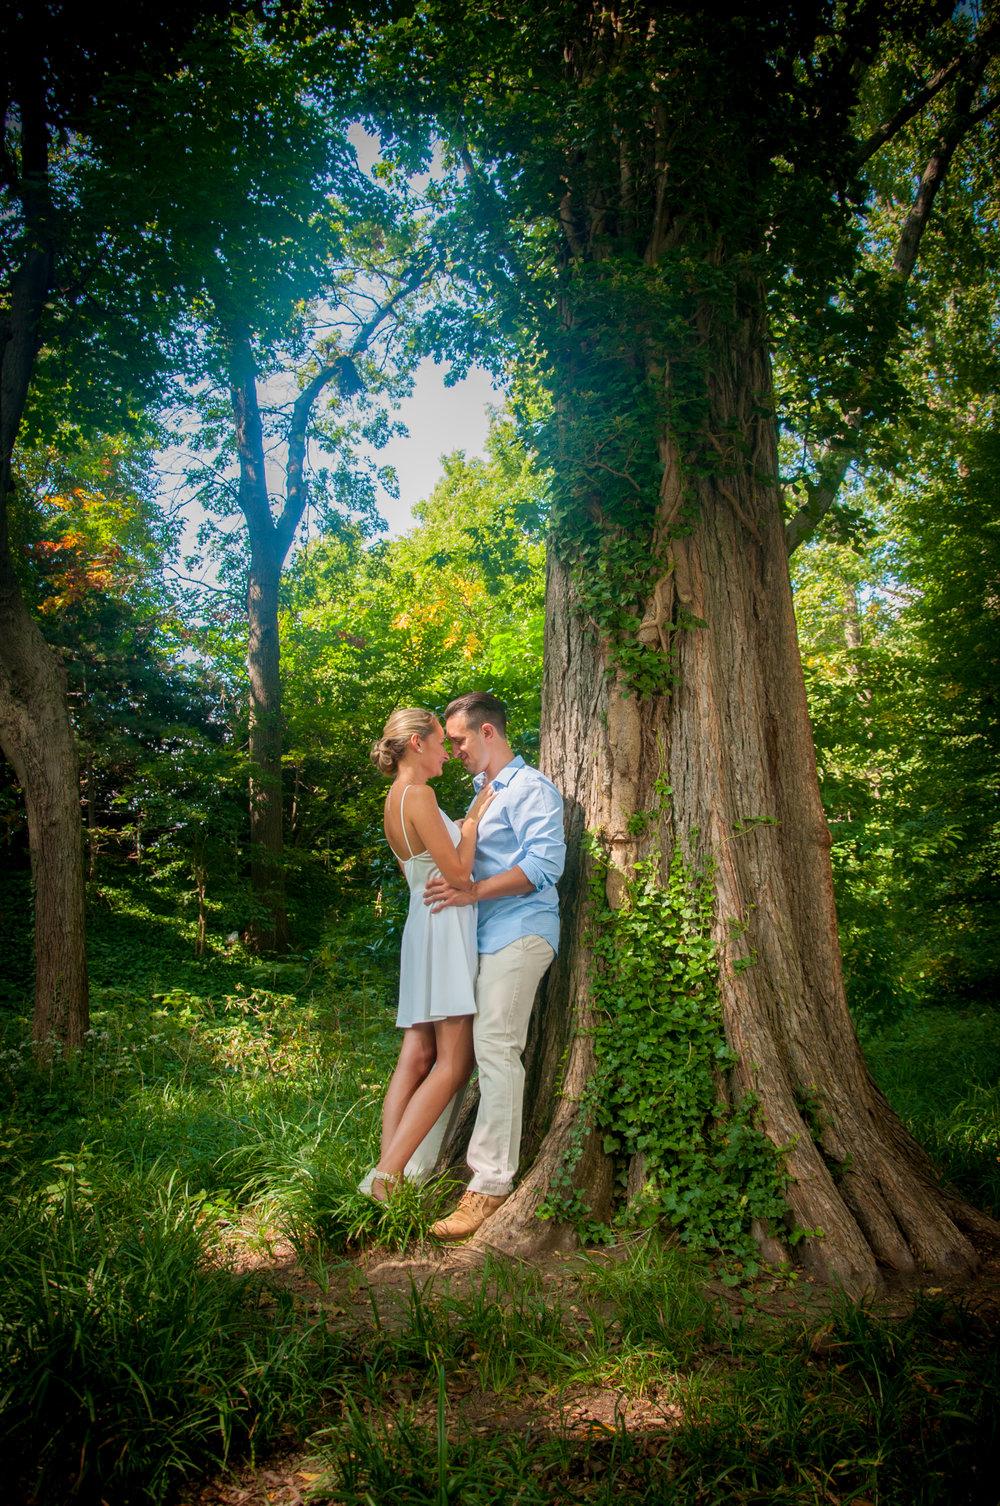 CArrieWestonStudios_NY_Portrait_Wedding_Photography_Northport_JoeandSarah-1.jpg